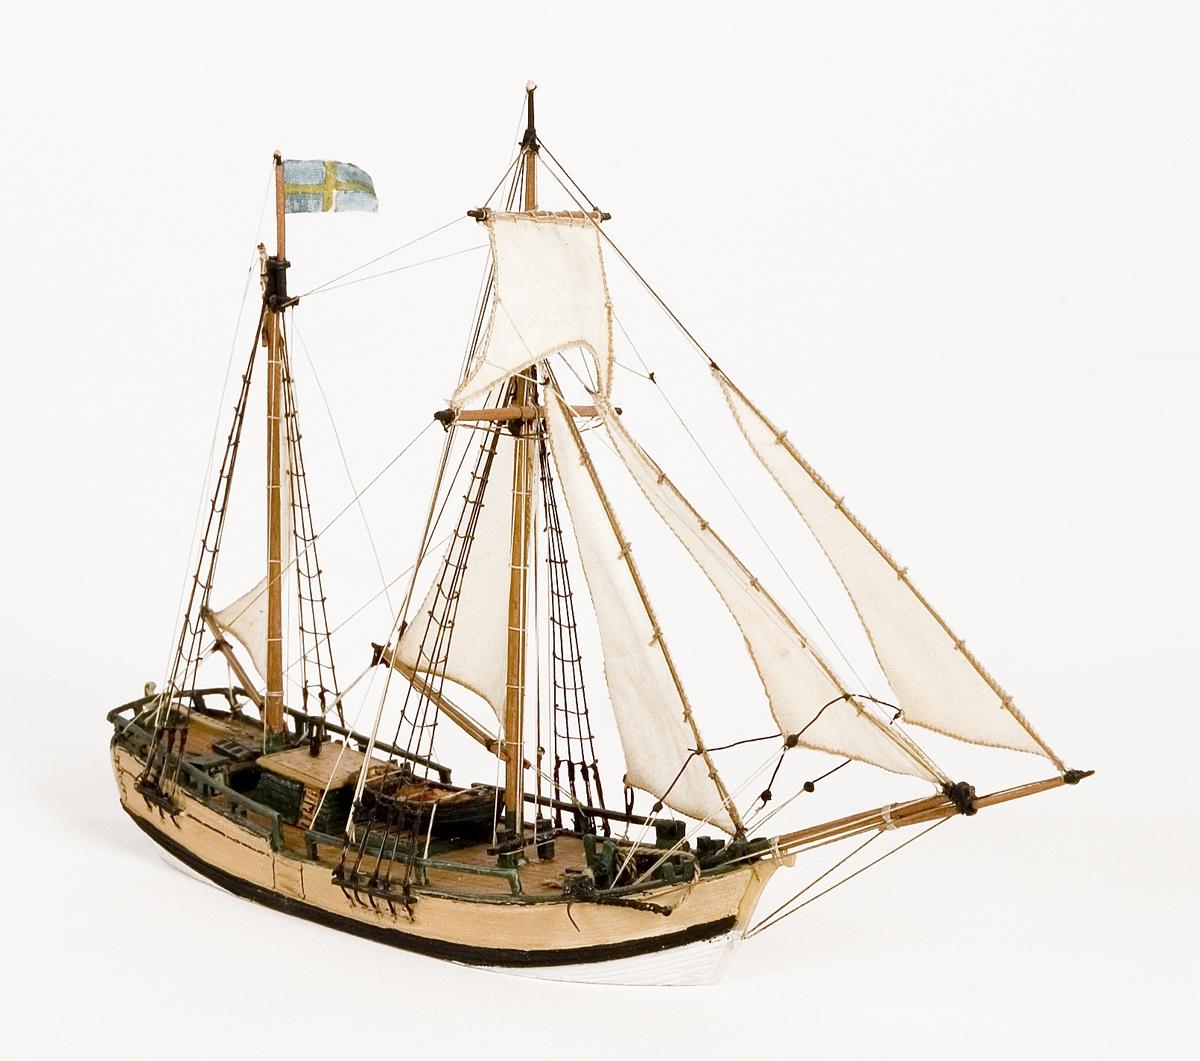 Fartygsmodell på vattenlinje. Galeas, hel i block av trä, med segel av bomull. Skrovet målat ljusgult och vitt i vattenlinjen. Svensk flagga på aktra masten.Föremålets form: Vattenlinjemodell